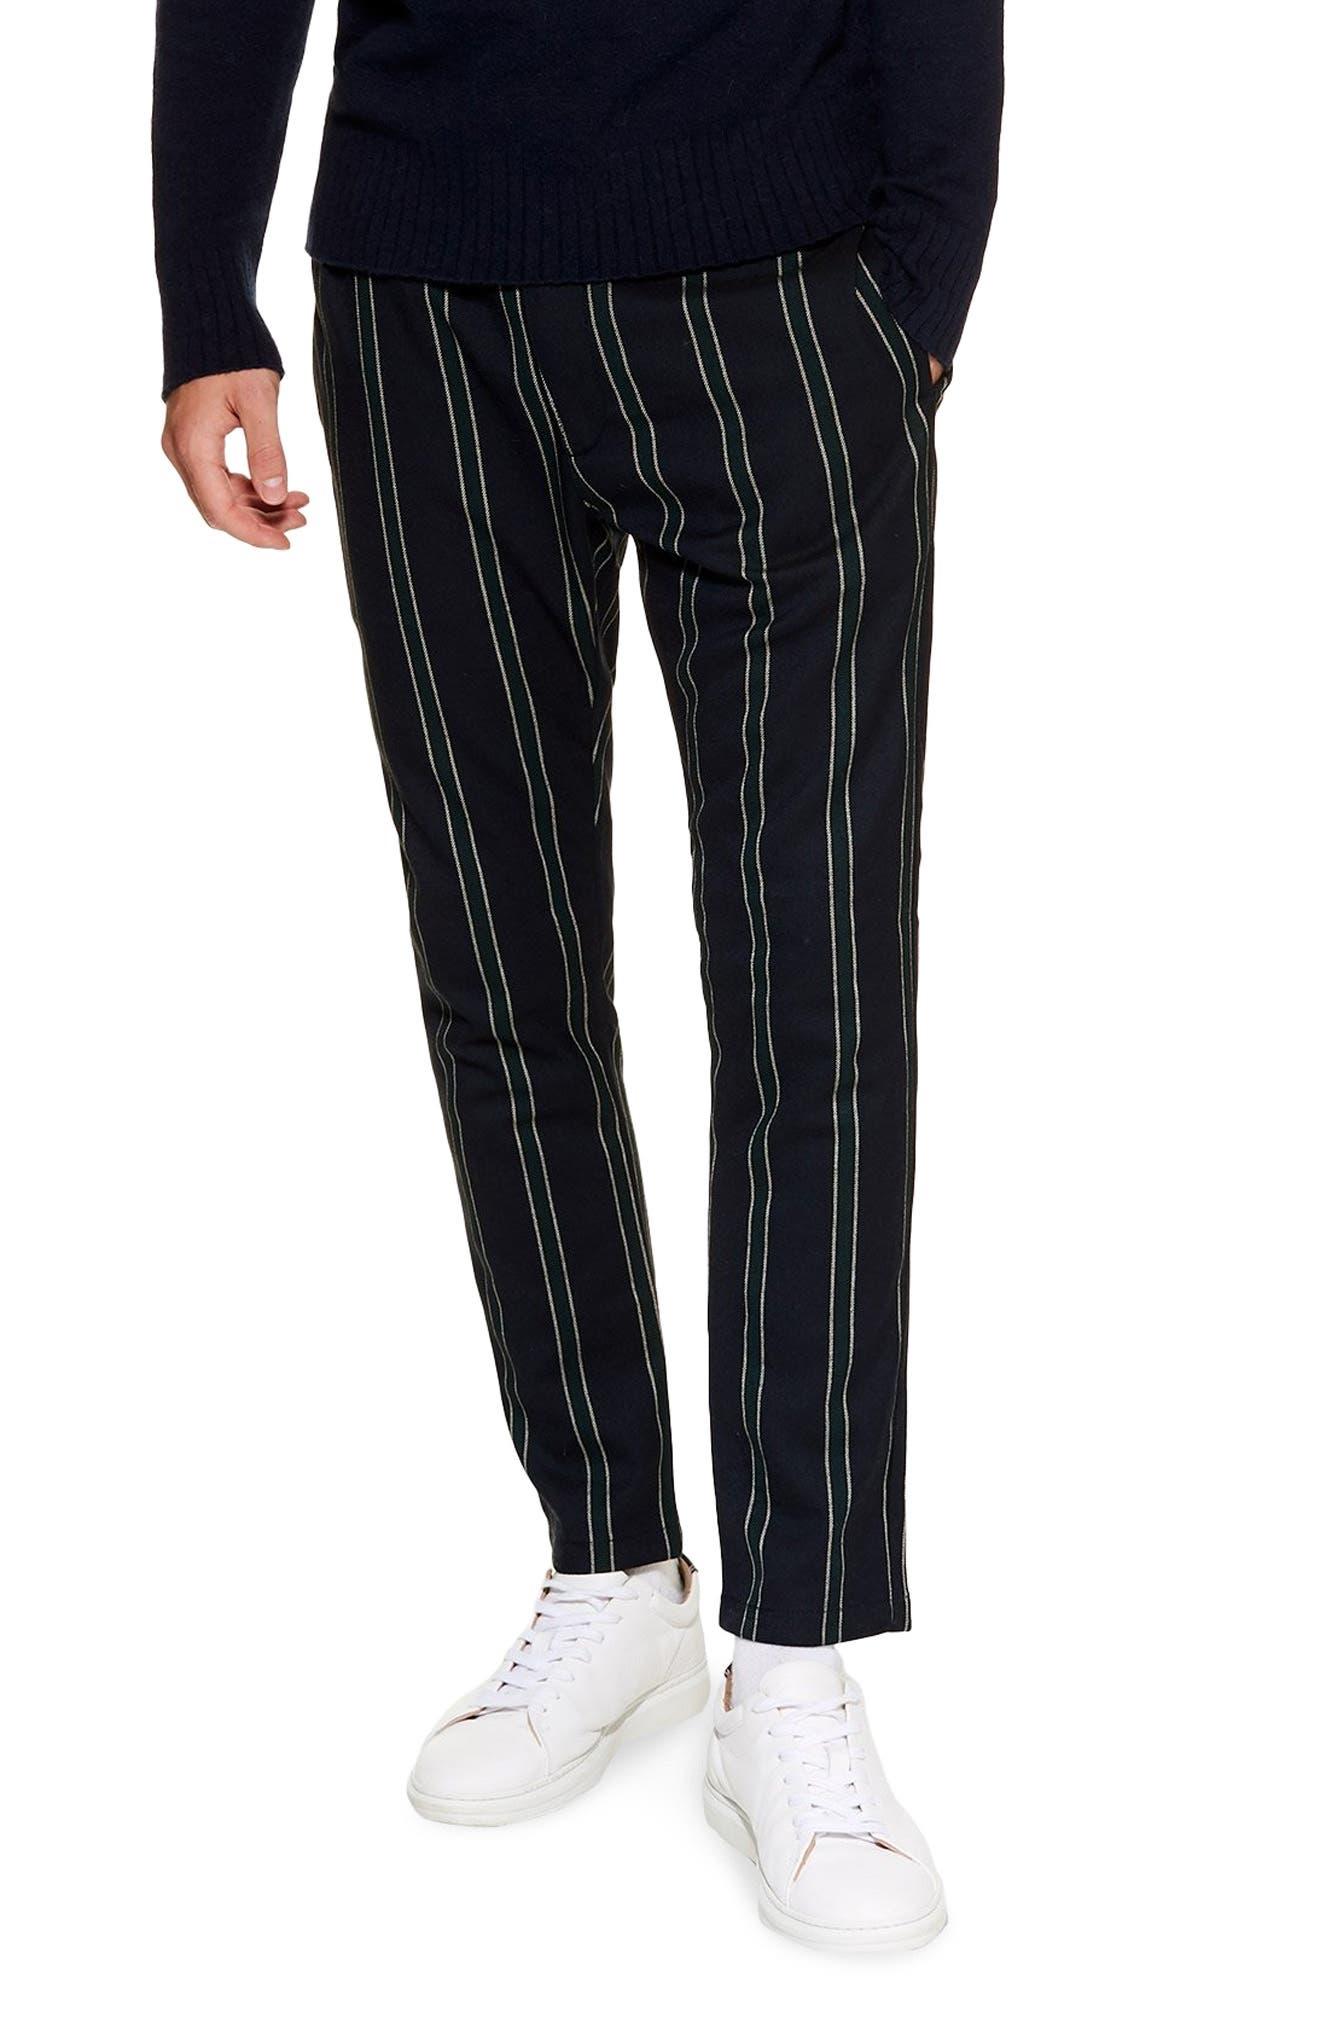 TOPMAN, Stripe Jogger Pants, Main thumbnail 1, color, NAVY MULTI